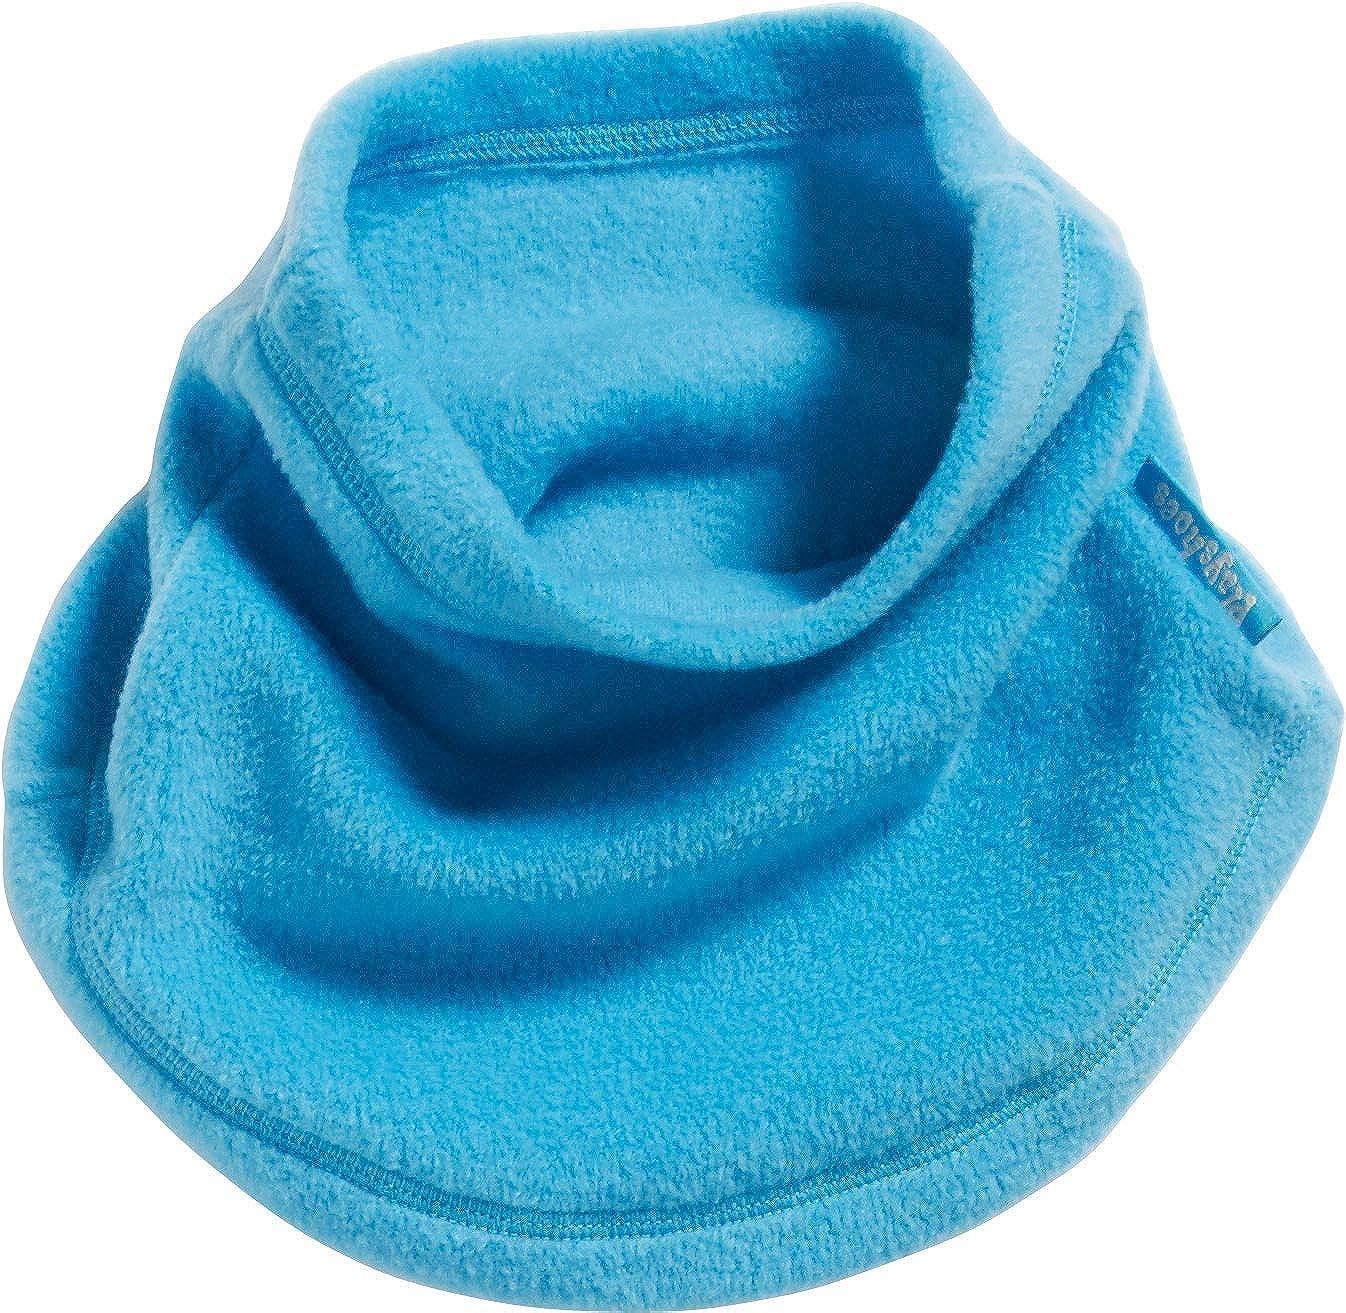 gr/ün one size Playshoes Boys Fleece-Schlauchschal softer Rundschal geeignet f/ür kalte Tage